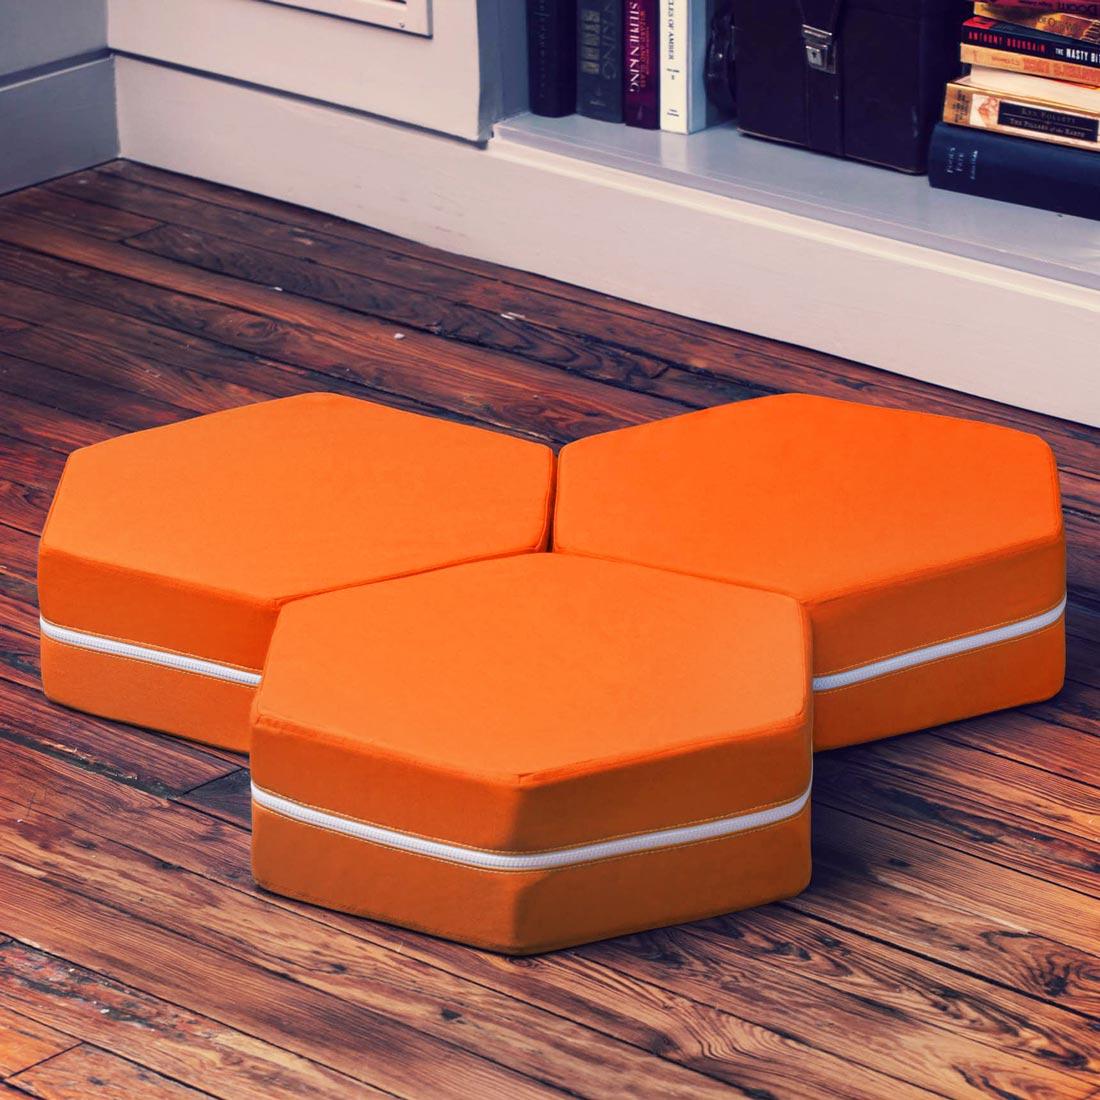 Zestaw trzech pomarańczowych, sześciokątnych poduszek podłogowych